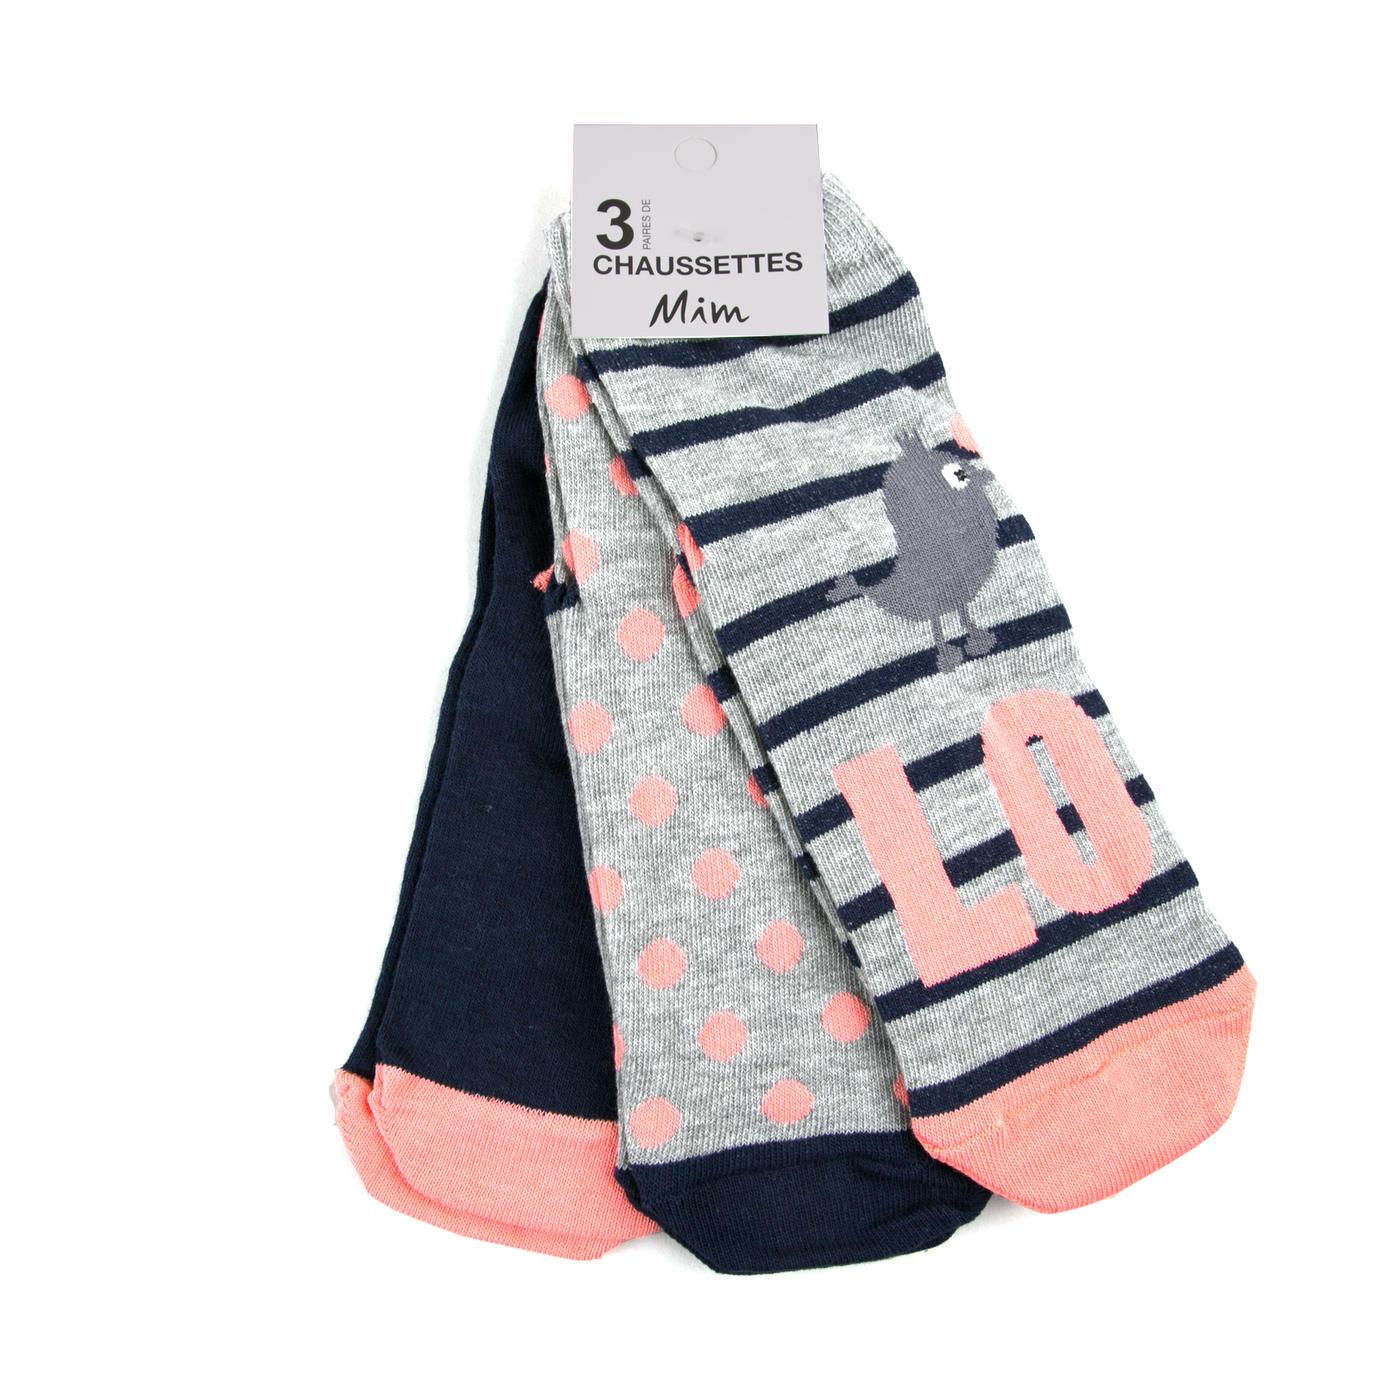 Jusqu' à 50 % de remise sur une sélection d' articles - Ex : Lot 3 paires de chaussettes